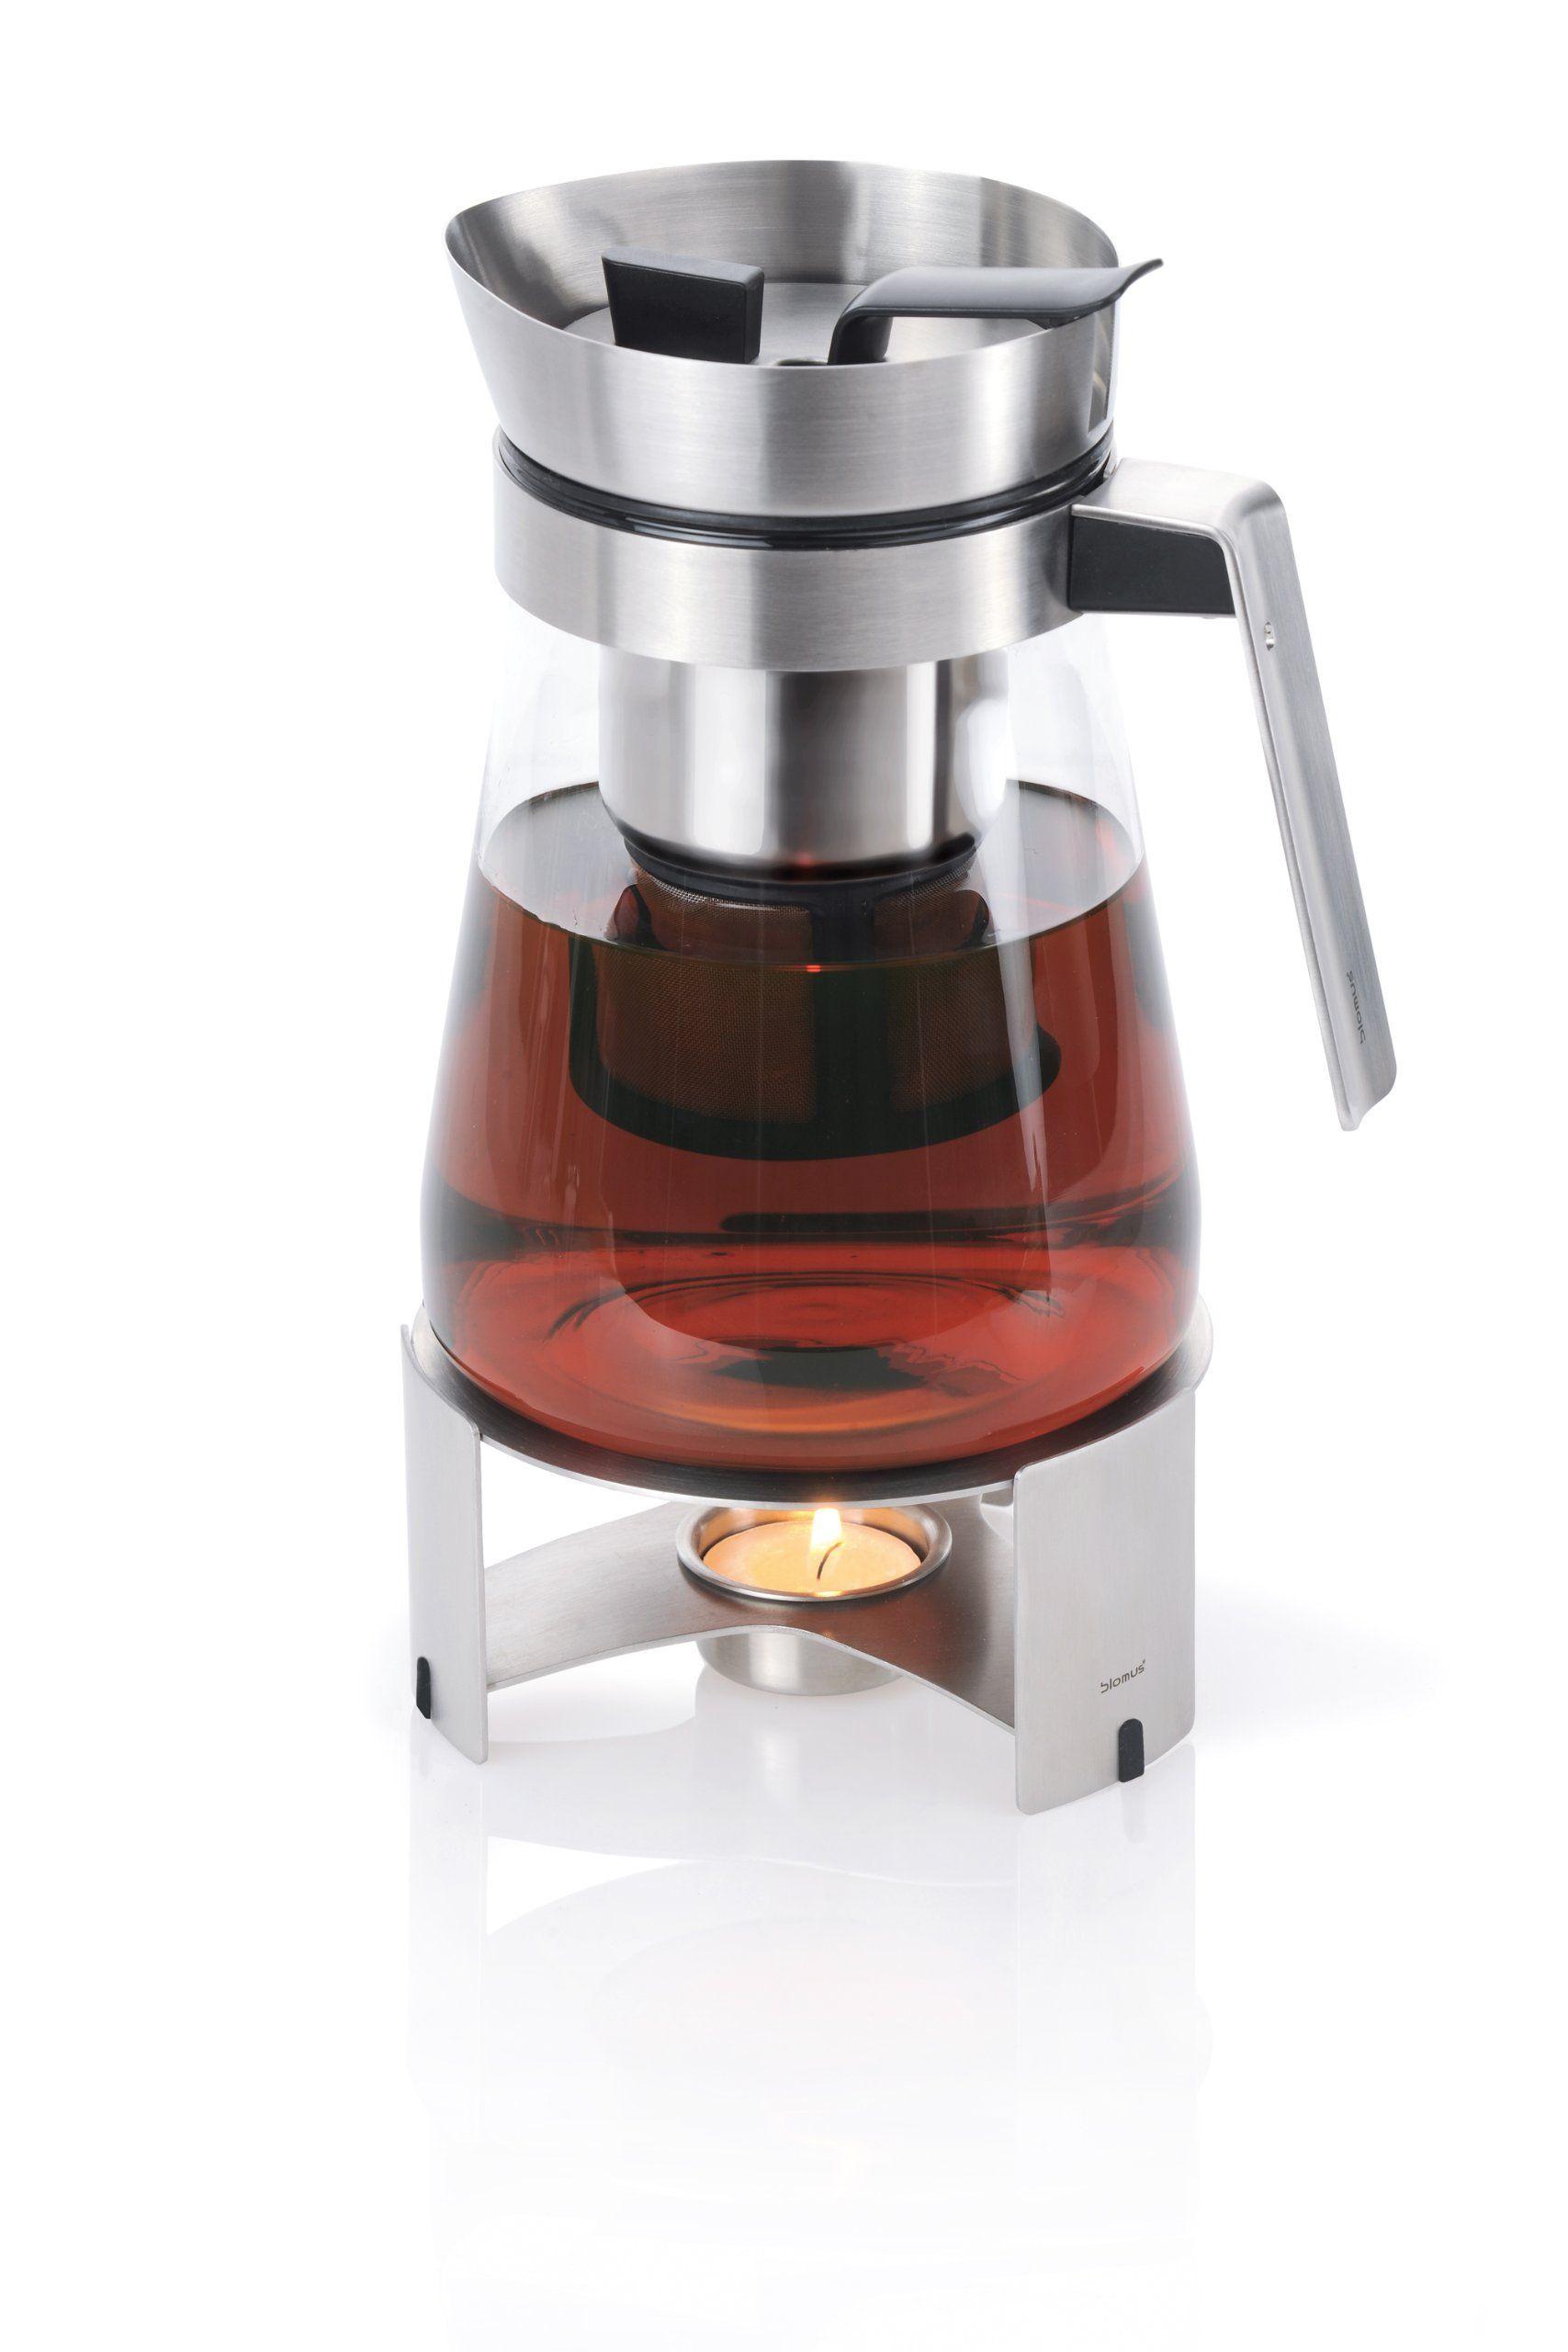 32+ Vietnam drip coffee set inspirations